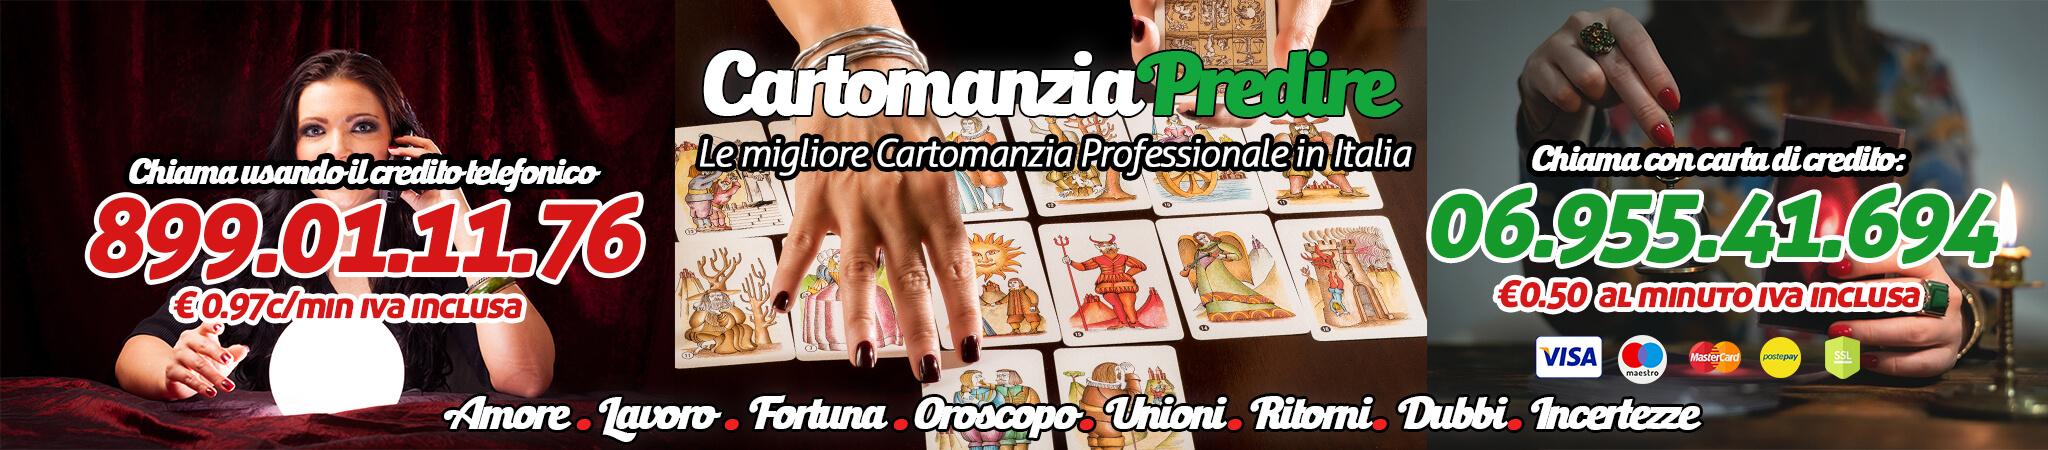 Cartomanzia Predire